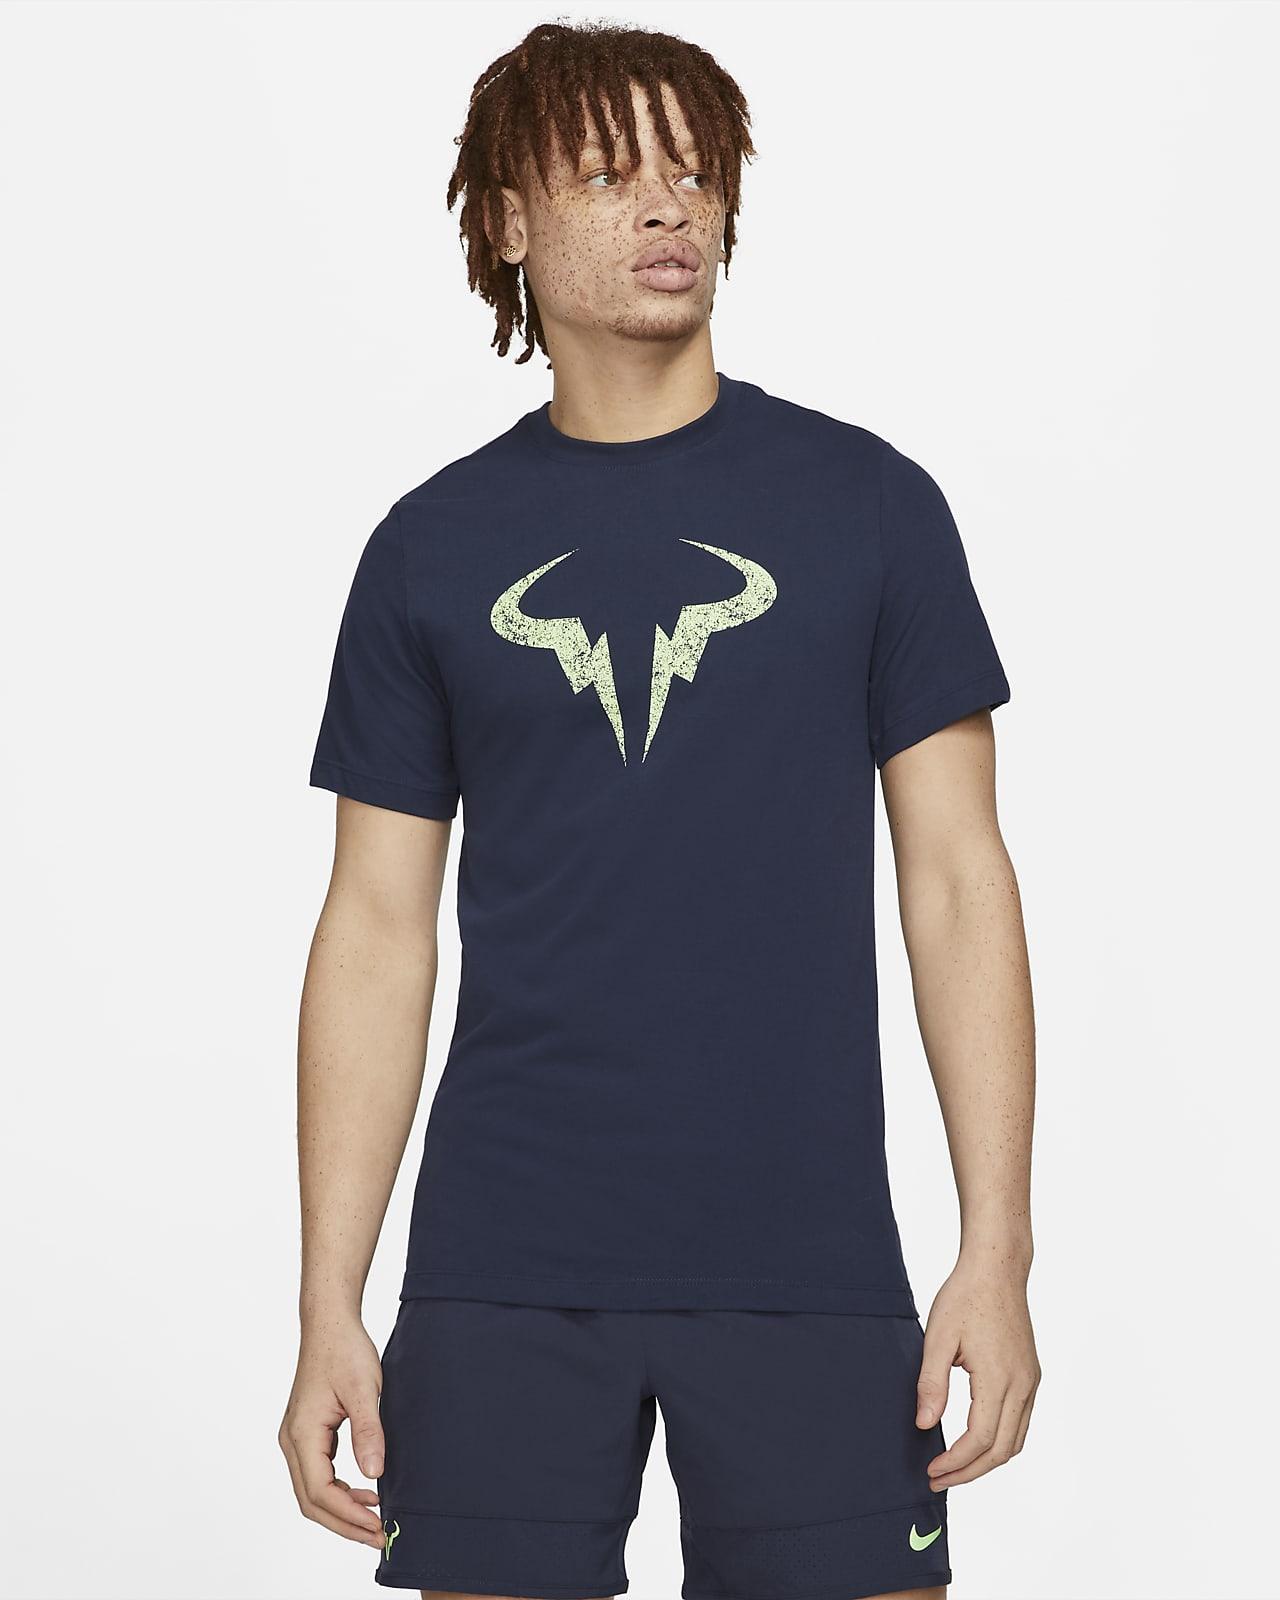 T-shirt de ténis Rafa para homem